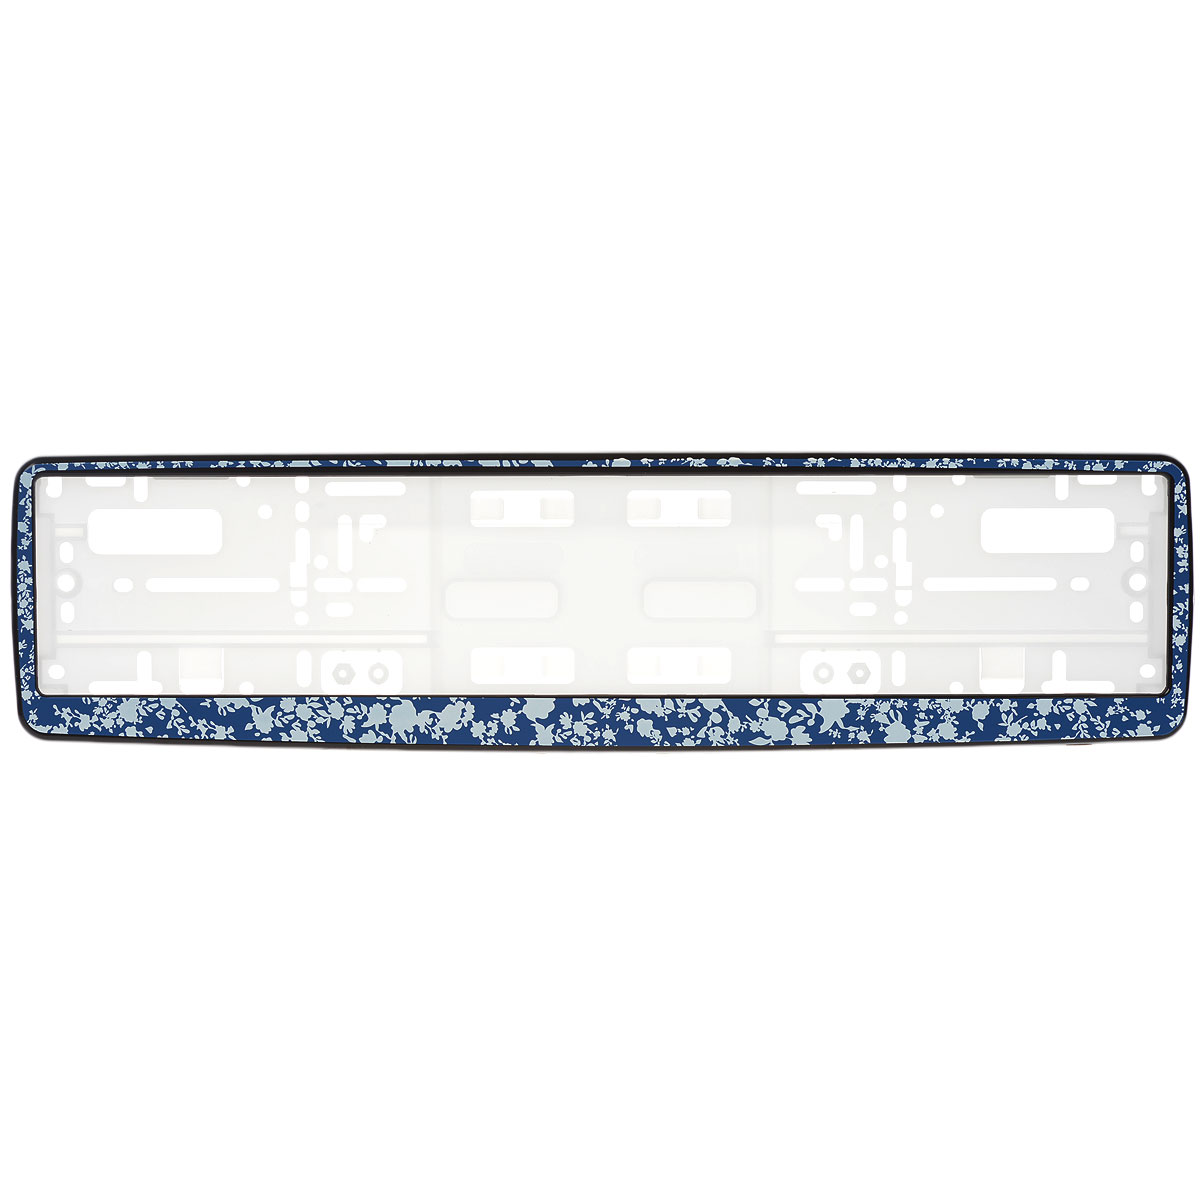 Рамка под номер Синие цветыЗ0000014184Рамка Синие цветы не только закрепит регистрационный знак на вашем автомобиле, но и красиво его оформит. Основание рамки выполнено из полипропилена, материал лицевой панели - пластик.Она предназначена для крепления регистрационного знака российского и европейского образца, декорирована орнаментом. Устанавливается на все типы автомобилей. Крепления в комплект не входят.Стильный дизайн идеально впишется в экстерьер вашего автомобиля.Размер рамки: 53,5 см х 13,5 см. Размер регистрационного знака: 52,5 см х 11,5 см.